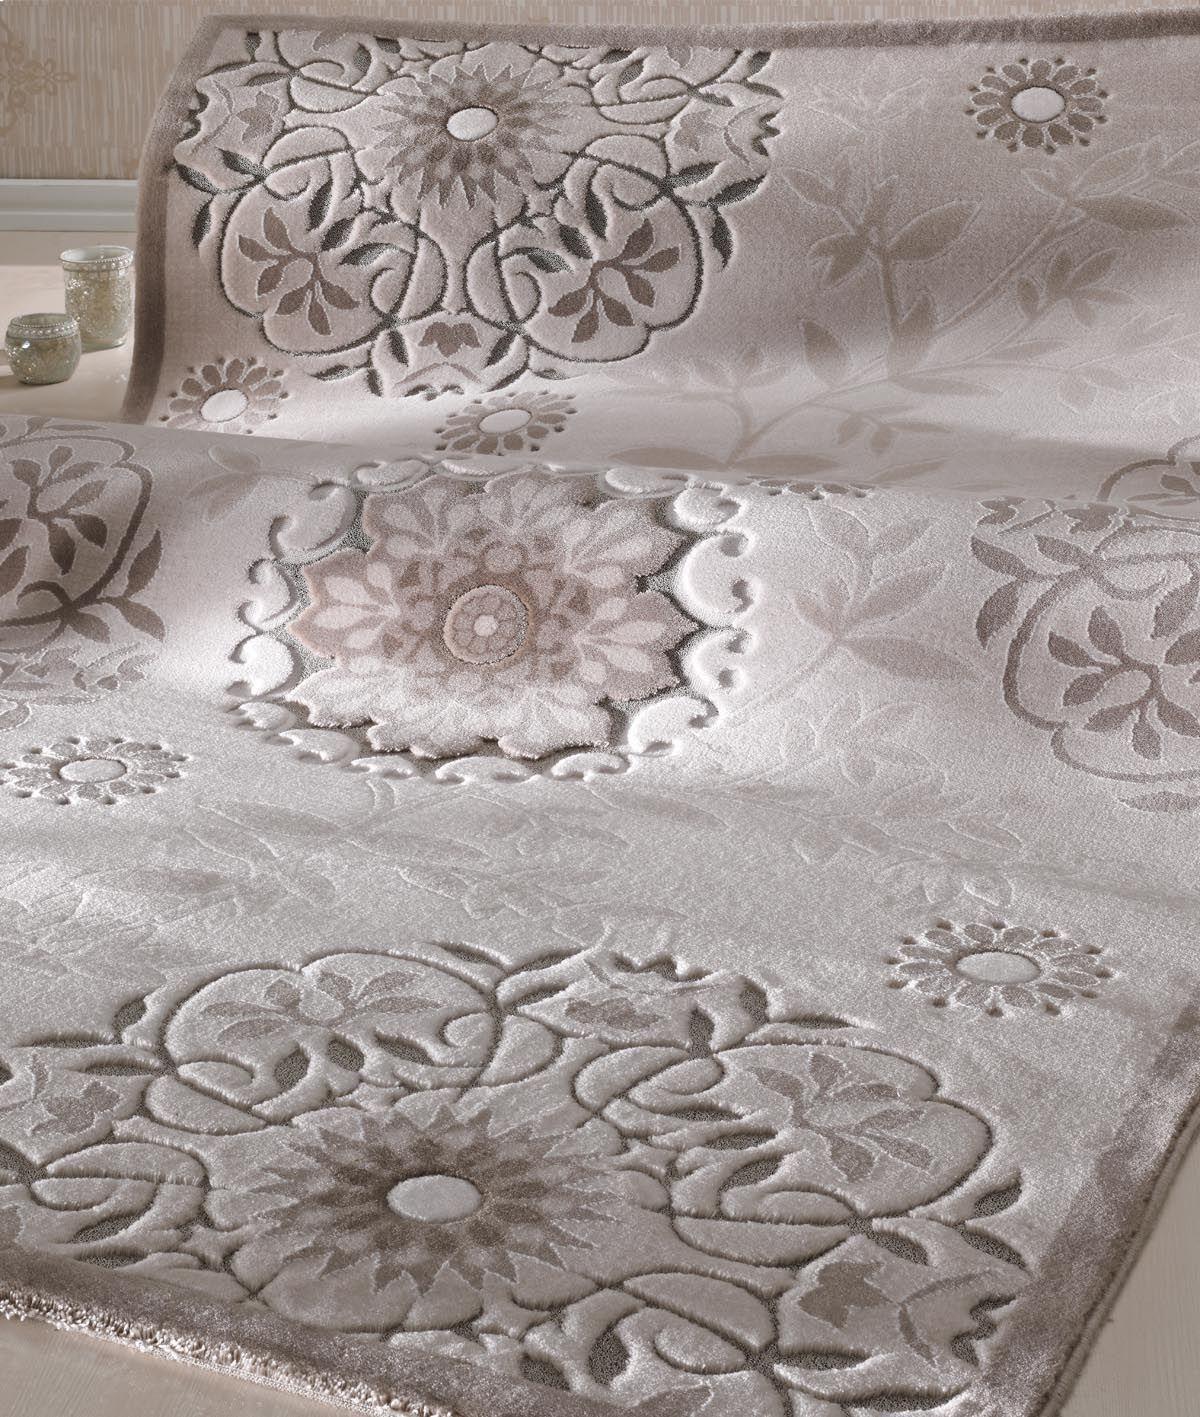 www halidenizi com halidenizi halidenizi halidenizi halidenizi ozel tasarim halilar en yeni hali modelleri en uygun hali modelleri 2014 home decor decor home